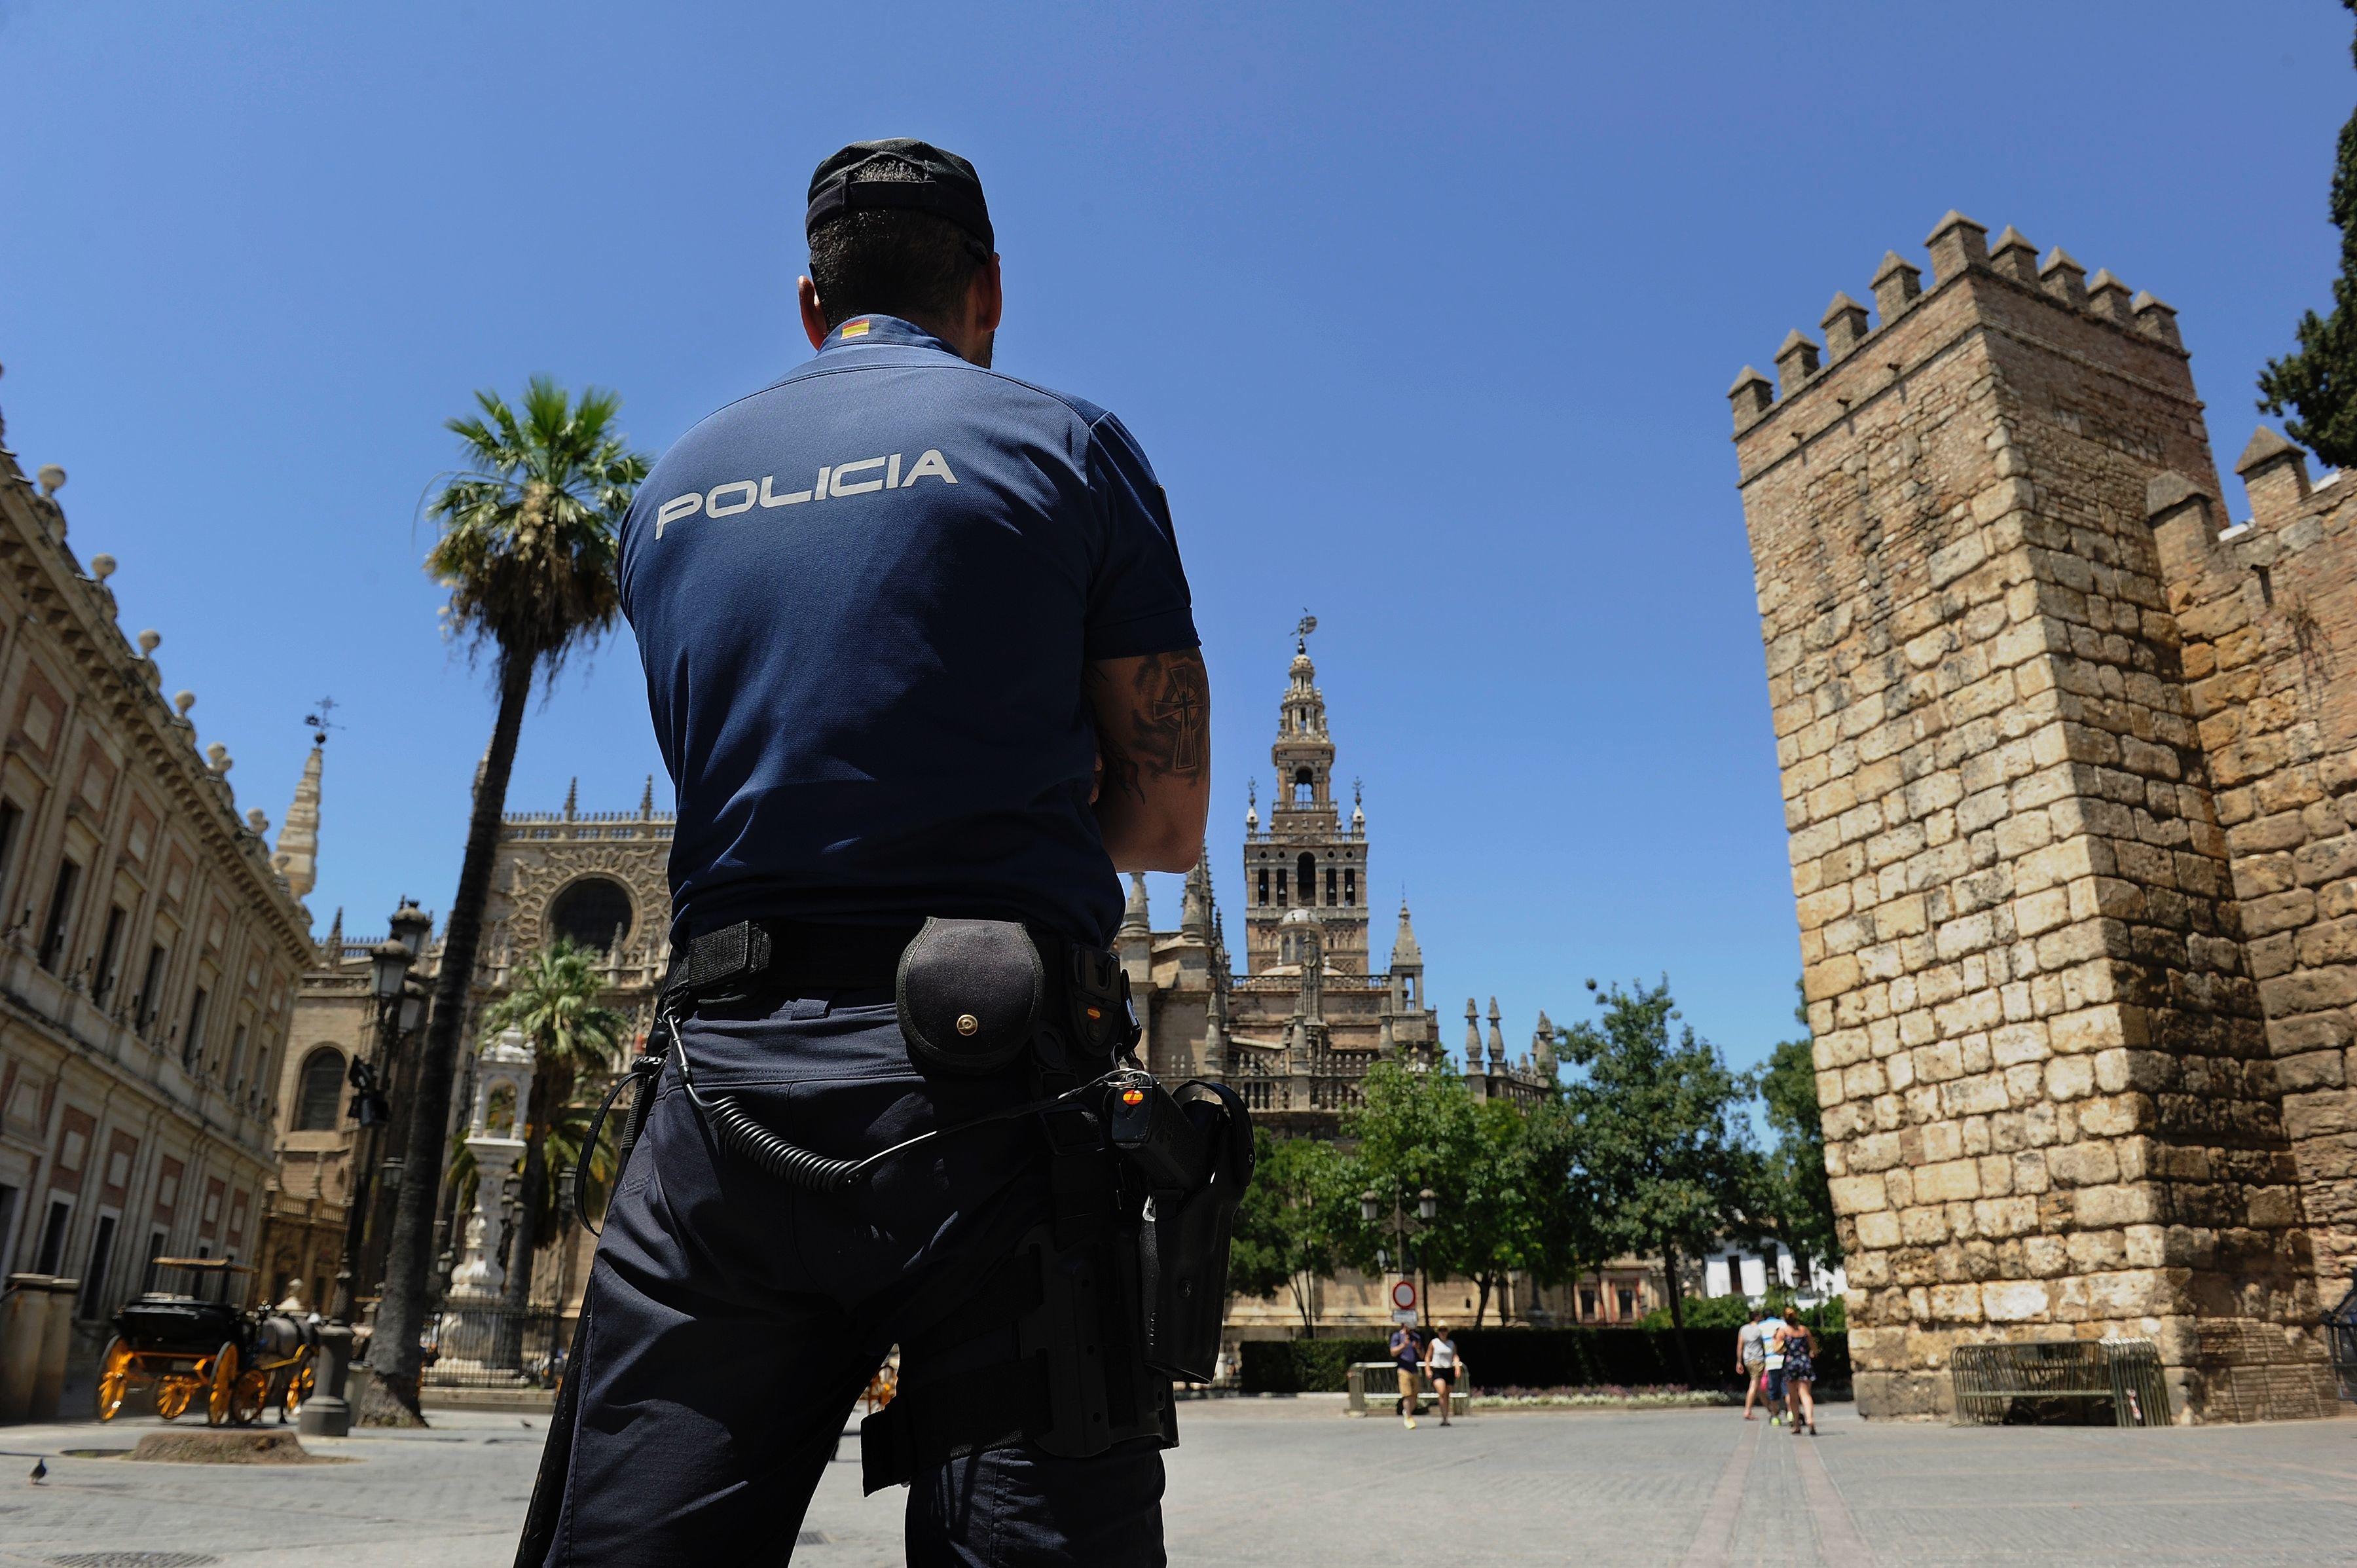 Terrorisme: Arrestation au Maroc d'un homme soupçonné de vouloir commettre un attentat à